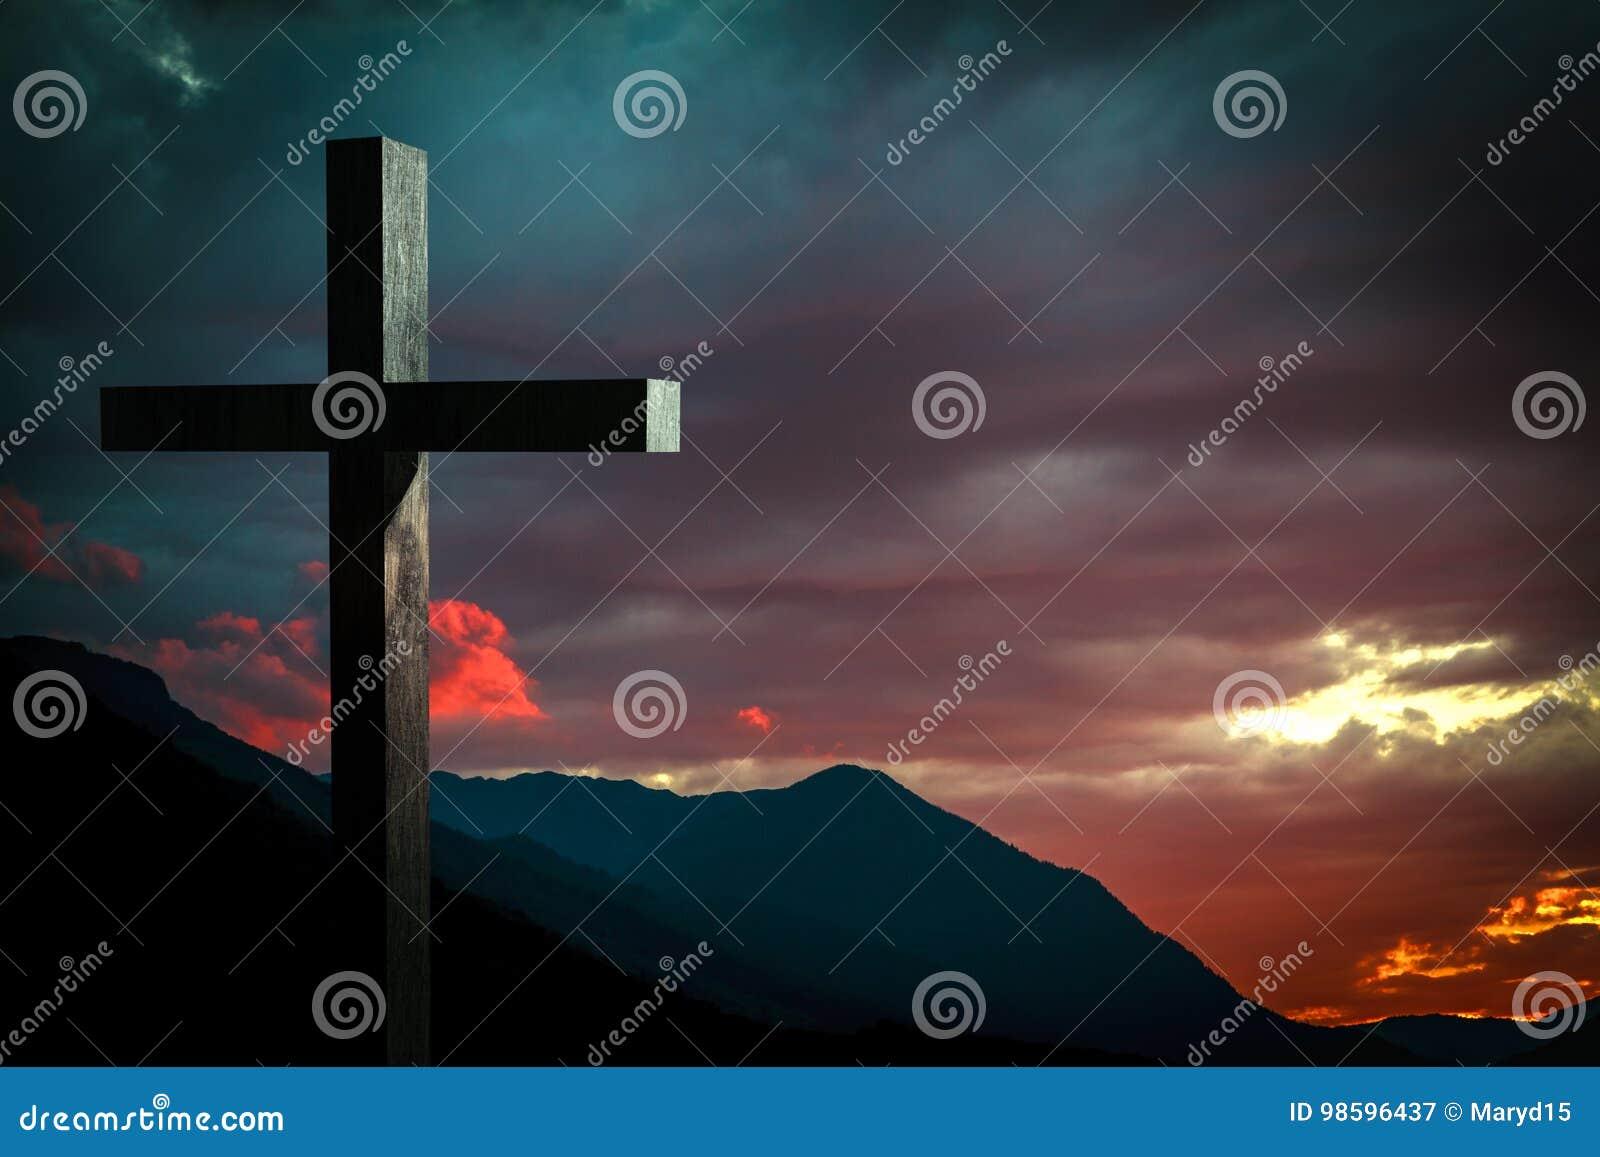 Cruz de madera de Jesus Christ en una escena con el cielo dramático y la puesta del sol colorida, salida del sol